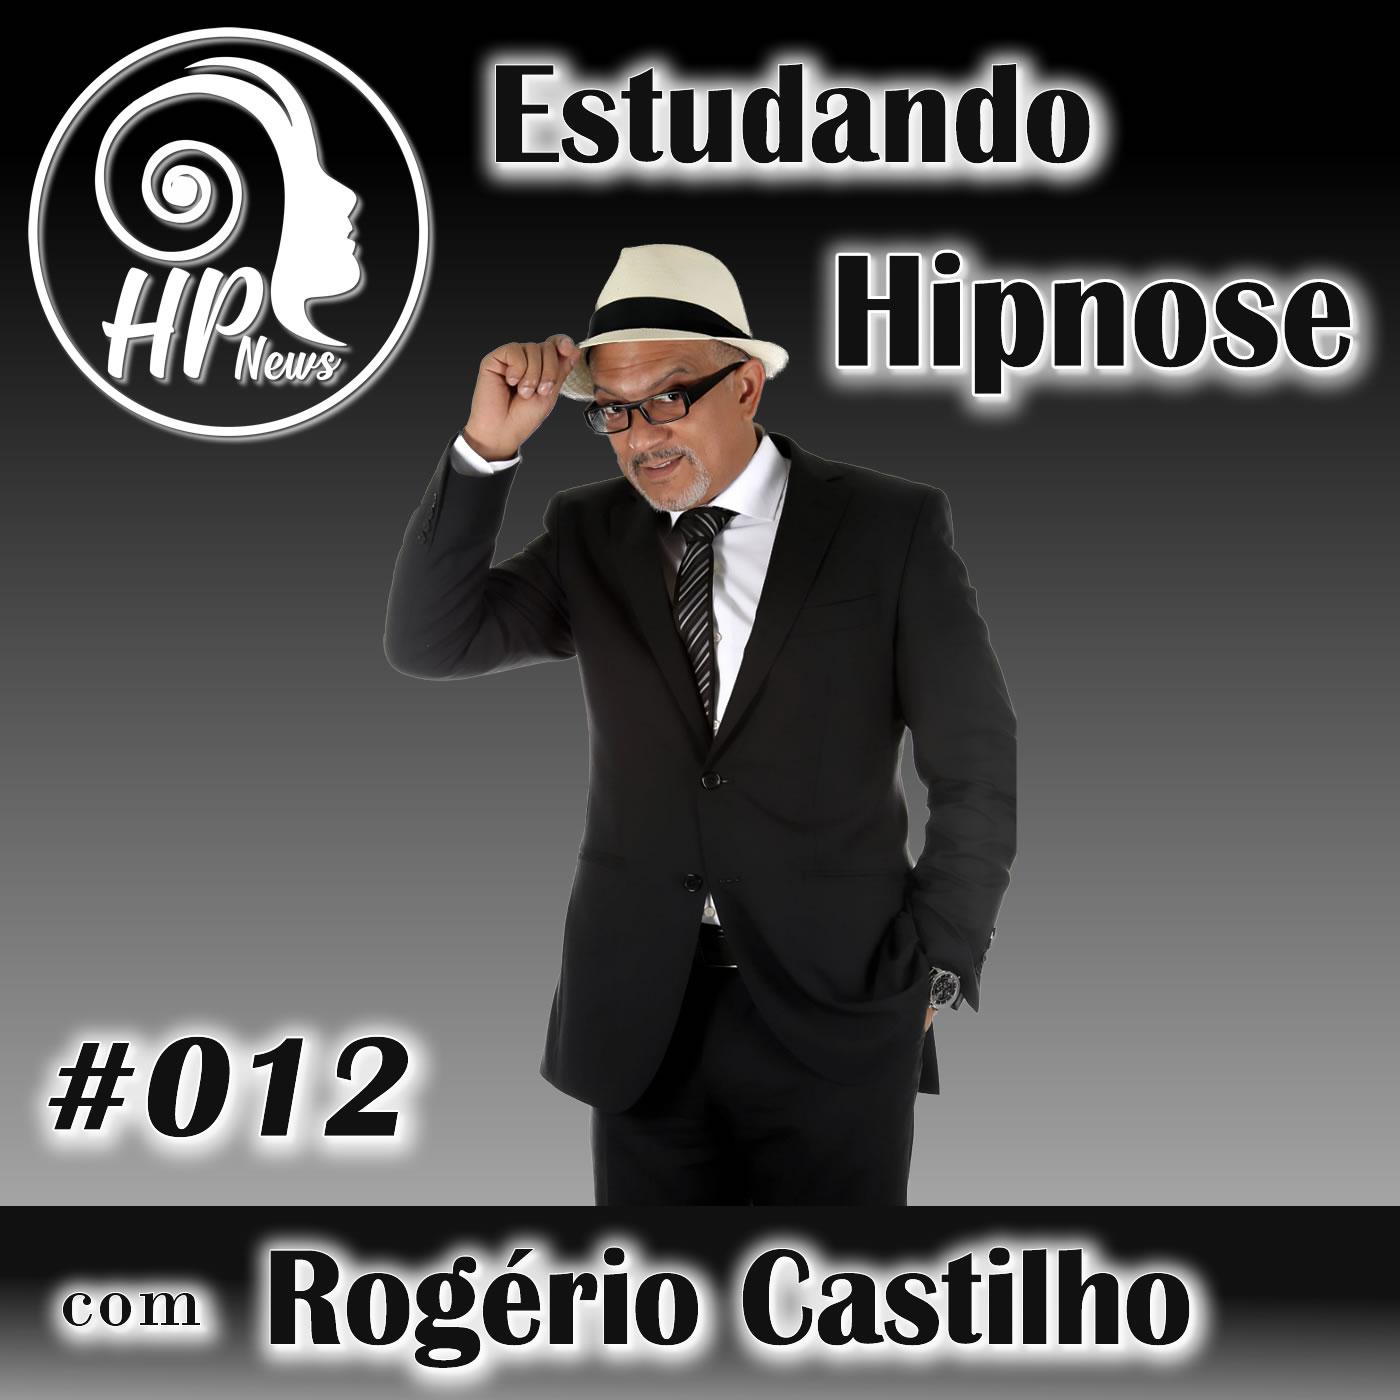 HP News 012 - Estudando Hipnose com Rogério Castilho